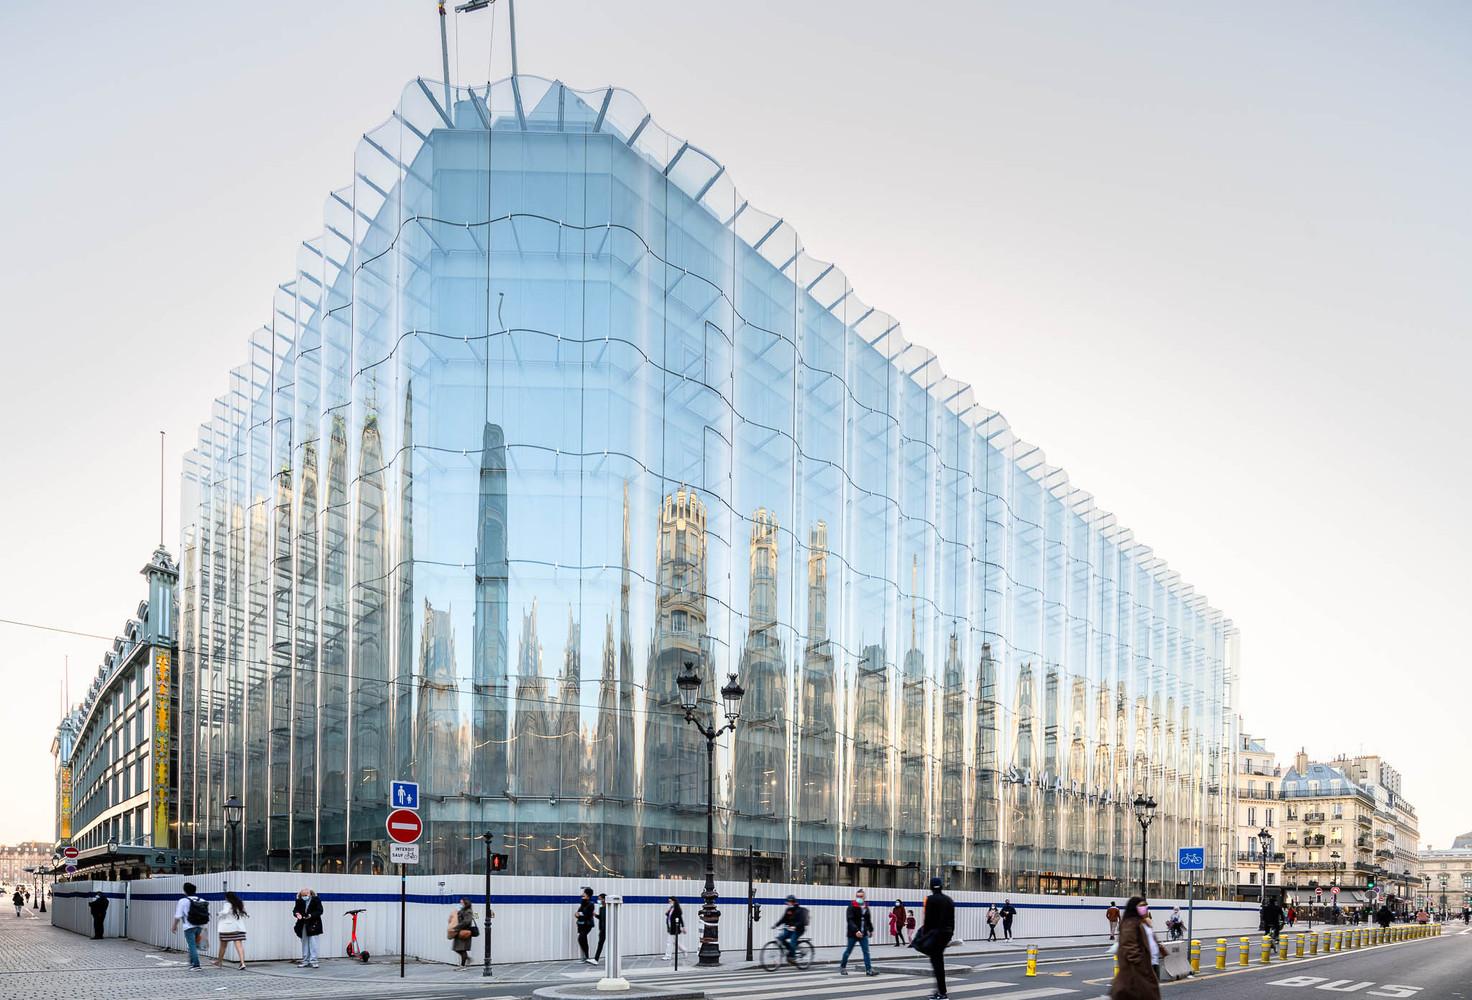 La Samaritaine, Paris, reabertura, escritório SANAA, vidro ondulado